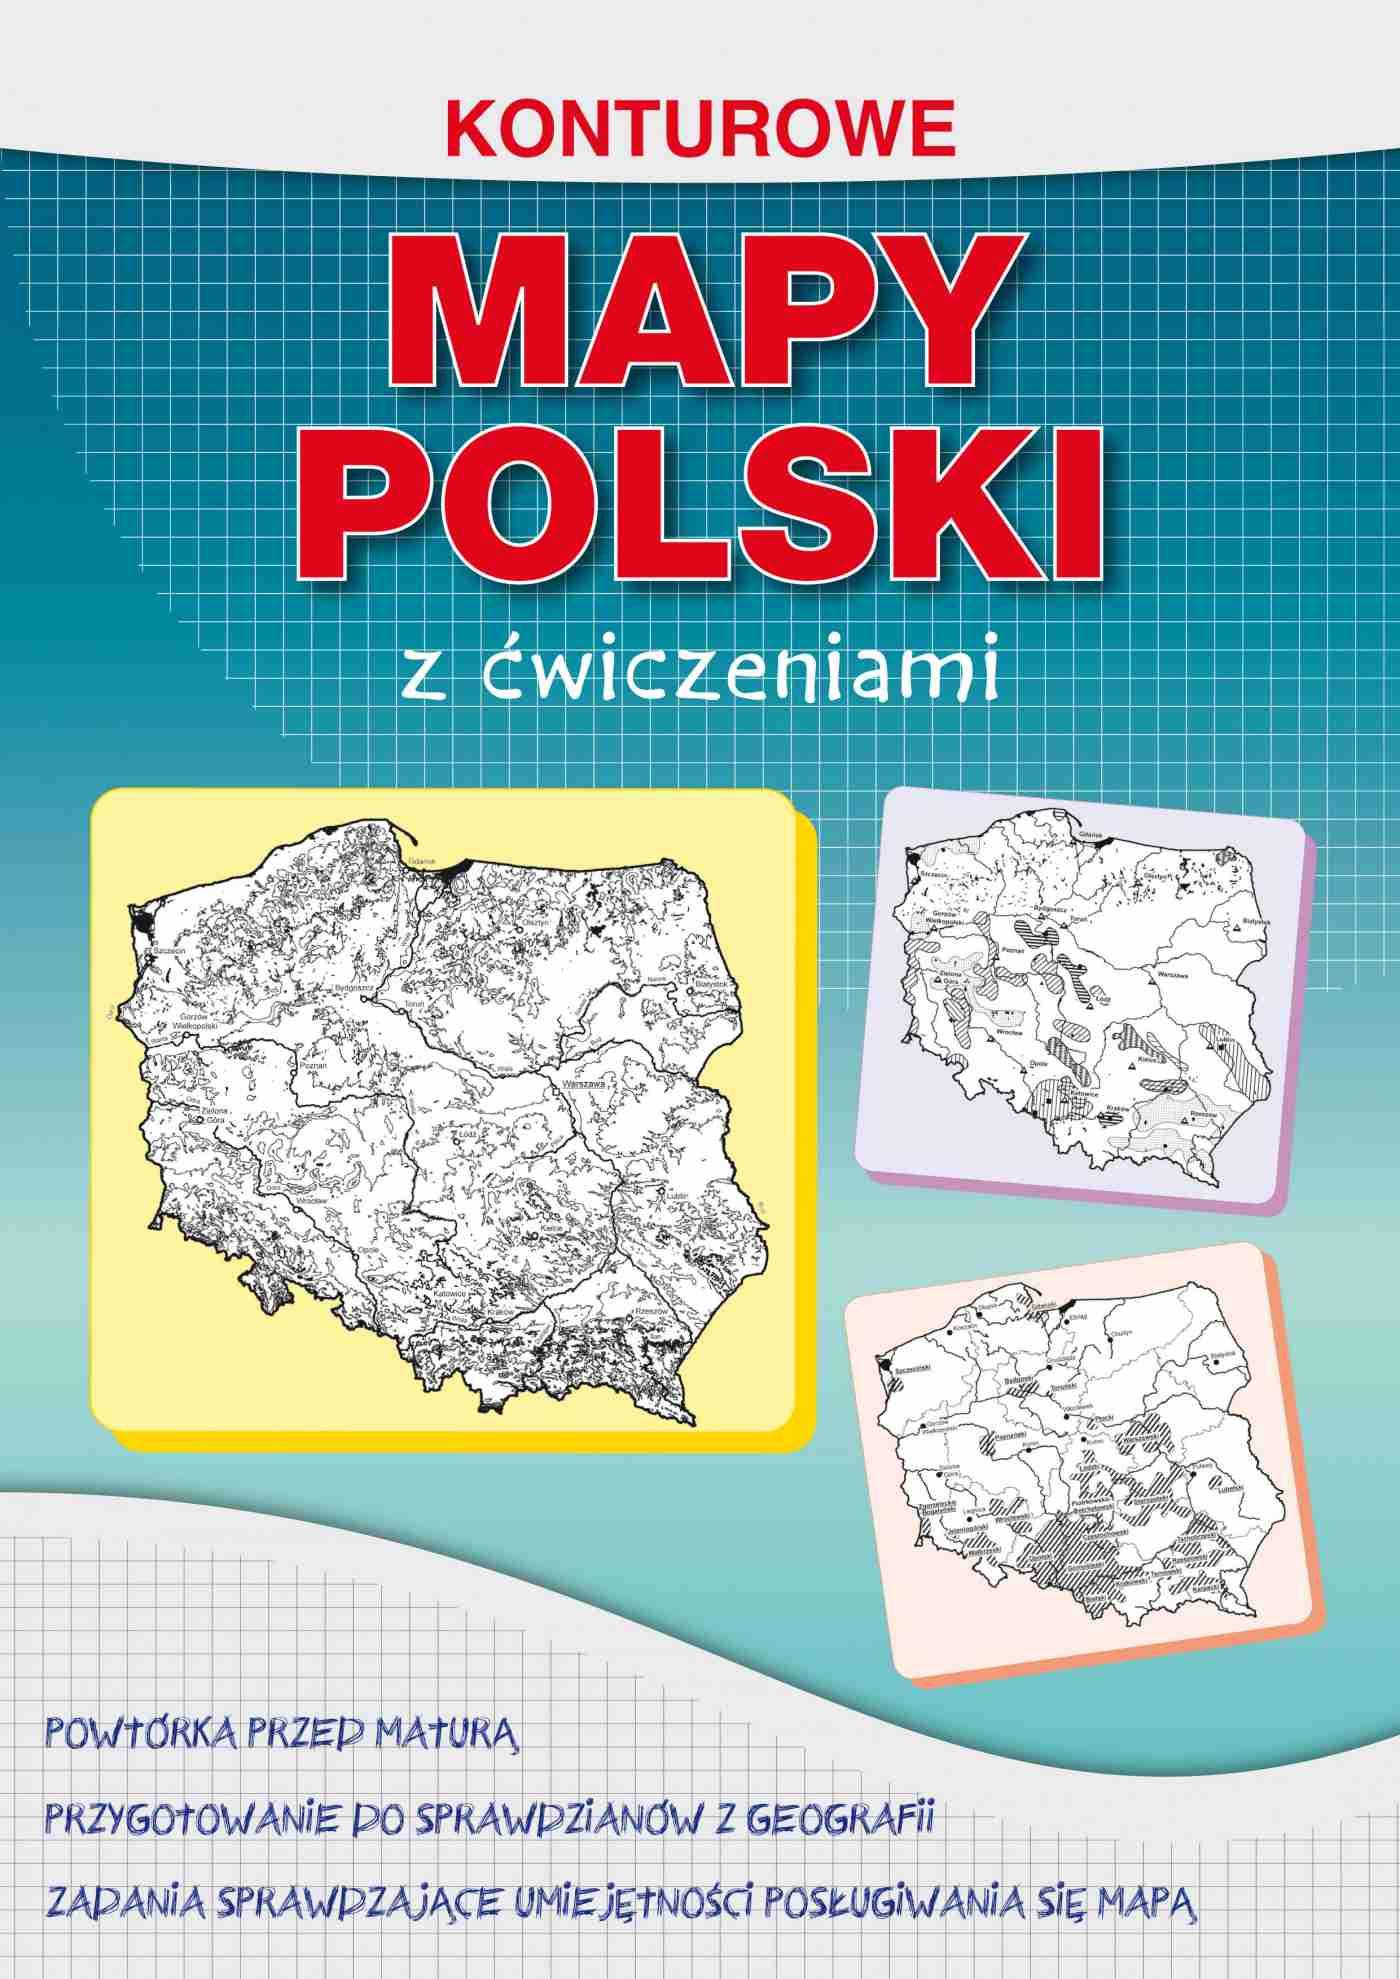 Konturowe mapy Polski z ćwiczeniami - Ebook (Książka PDF) do pobrania w formacie PDF